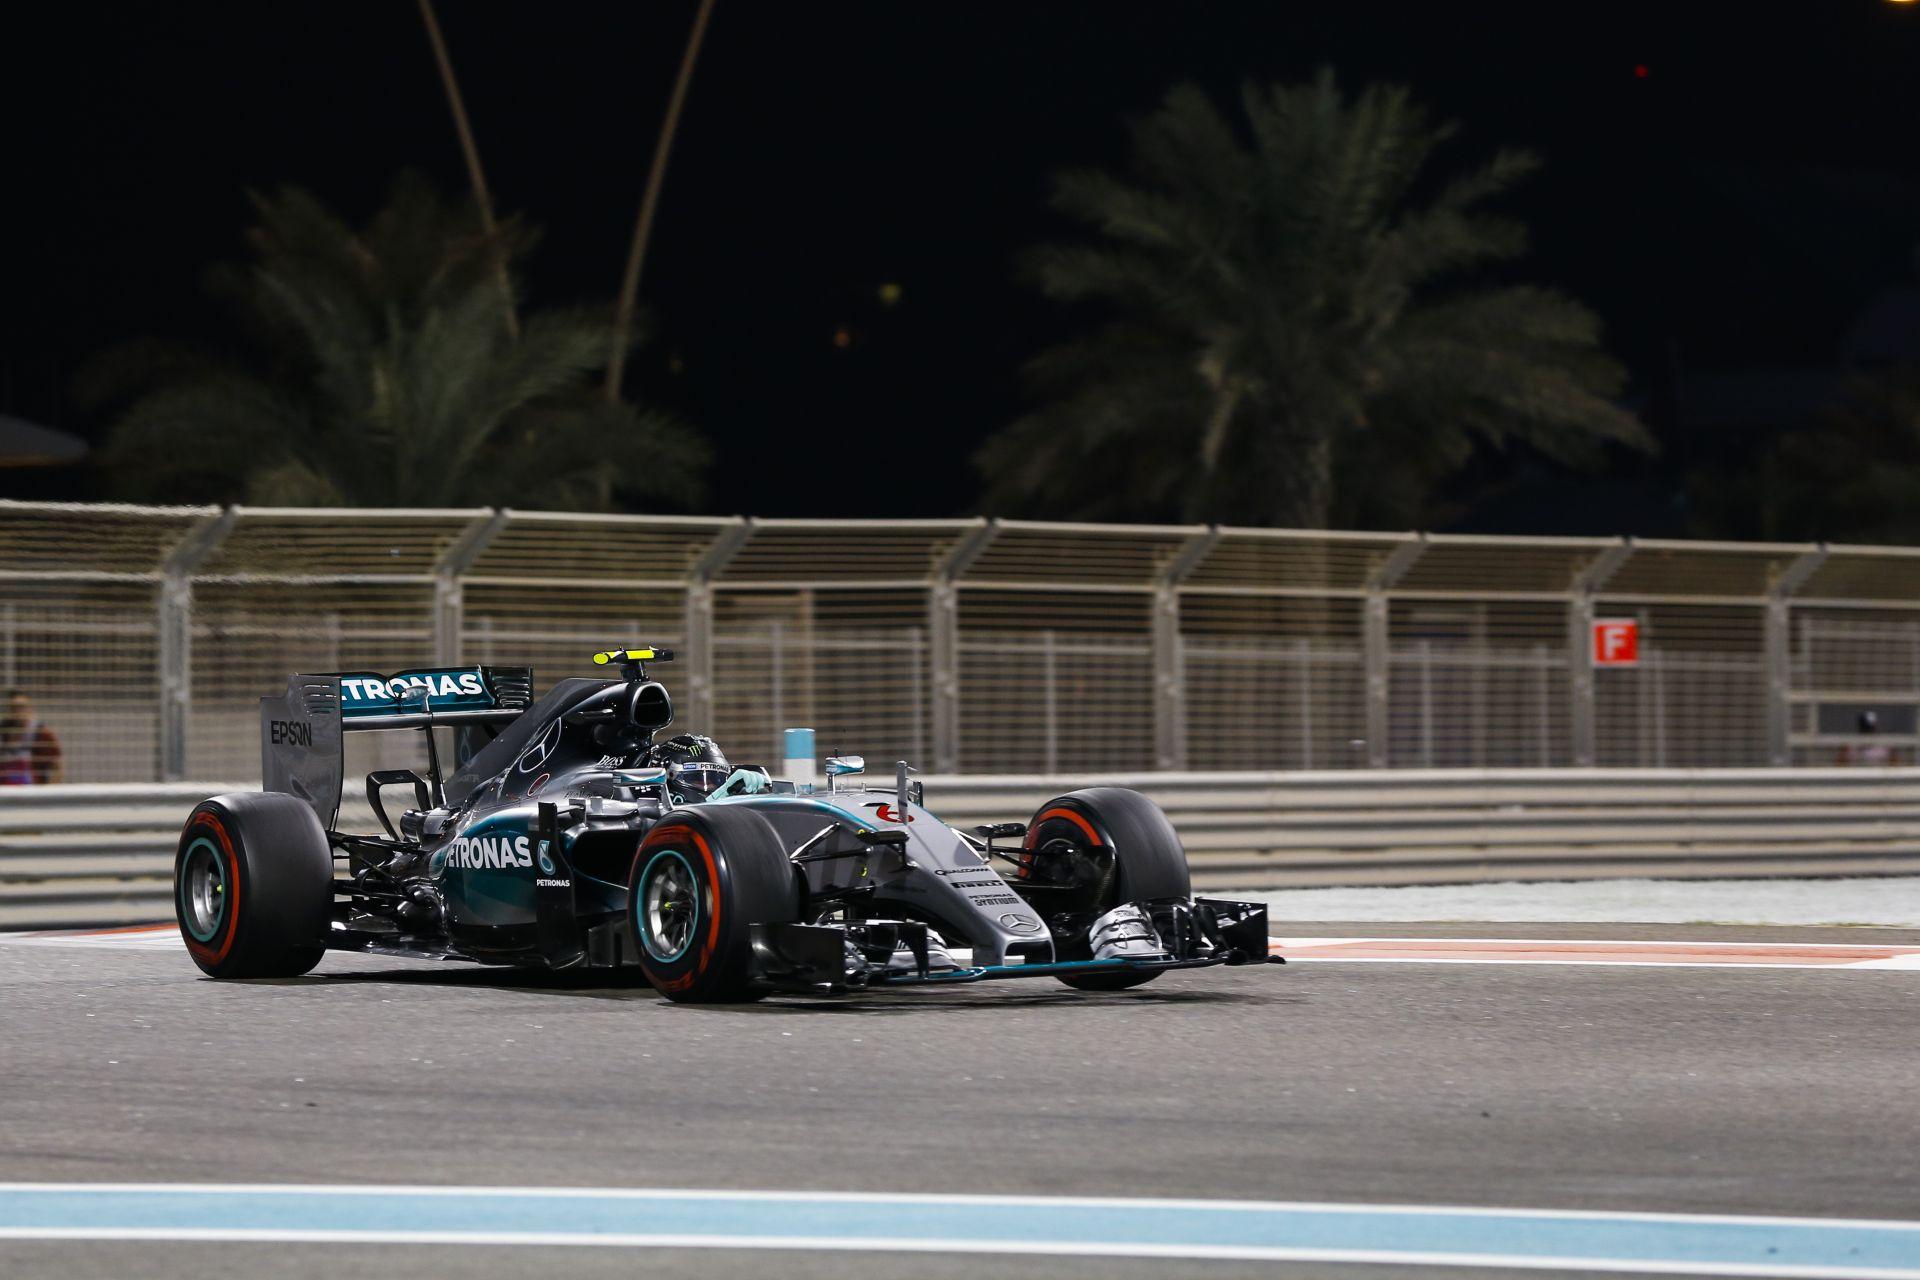 Rosberg óriási pofont adott Hamiltonnak a haldokló Mercedes motorral az időmérőn: Kimi harmadik, Vettel kiesett a Q1-ben!